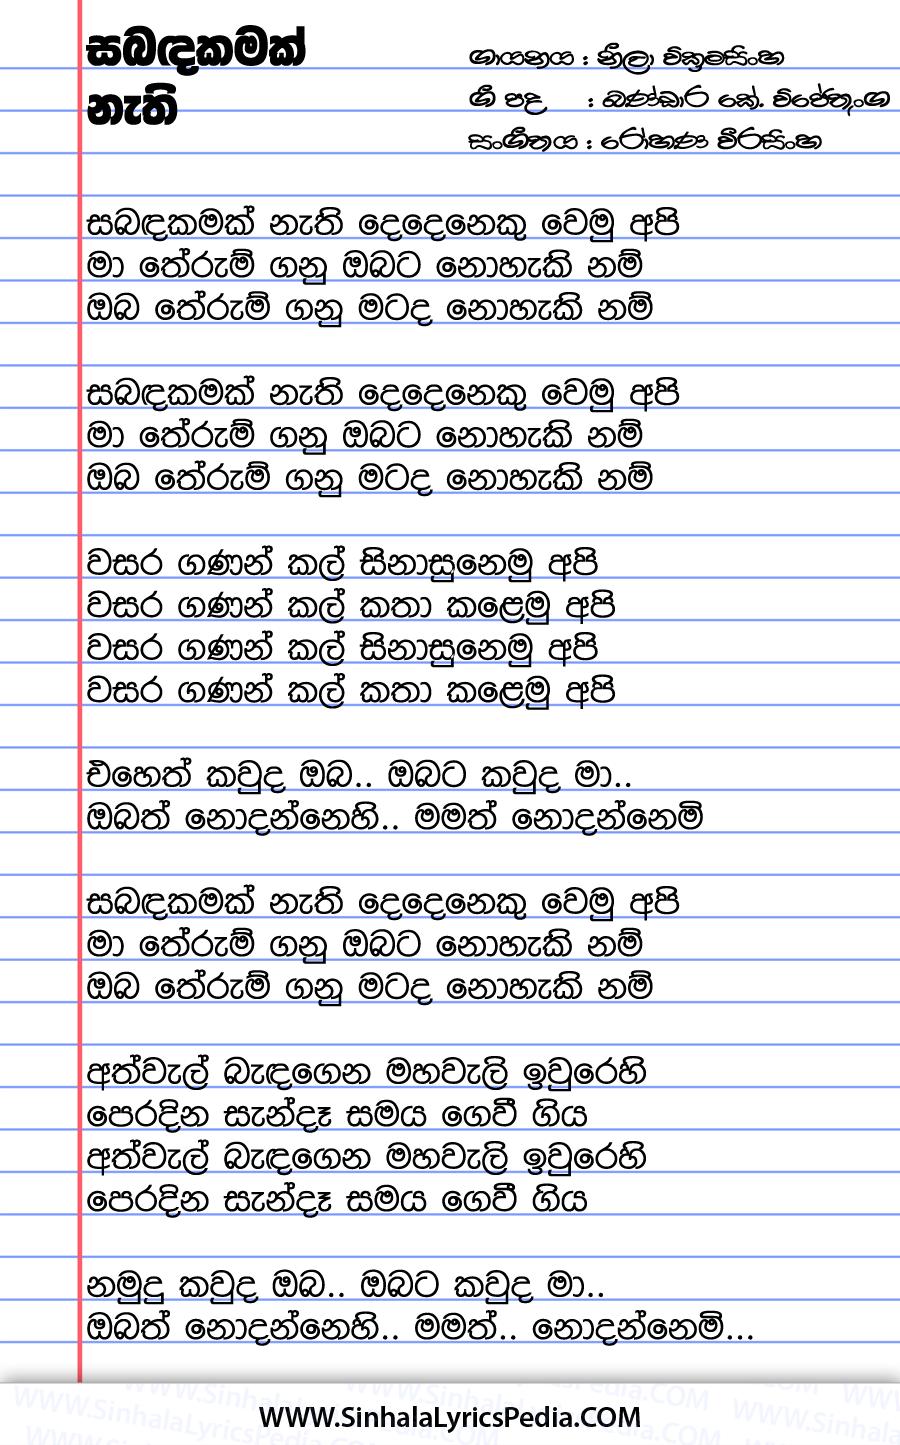 Sabanda Kamak Nathi Song Lyrics